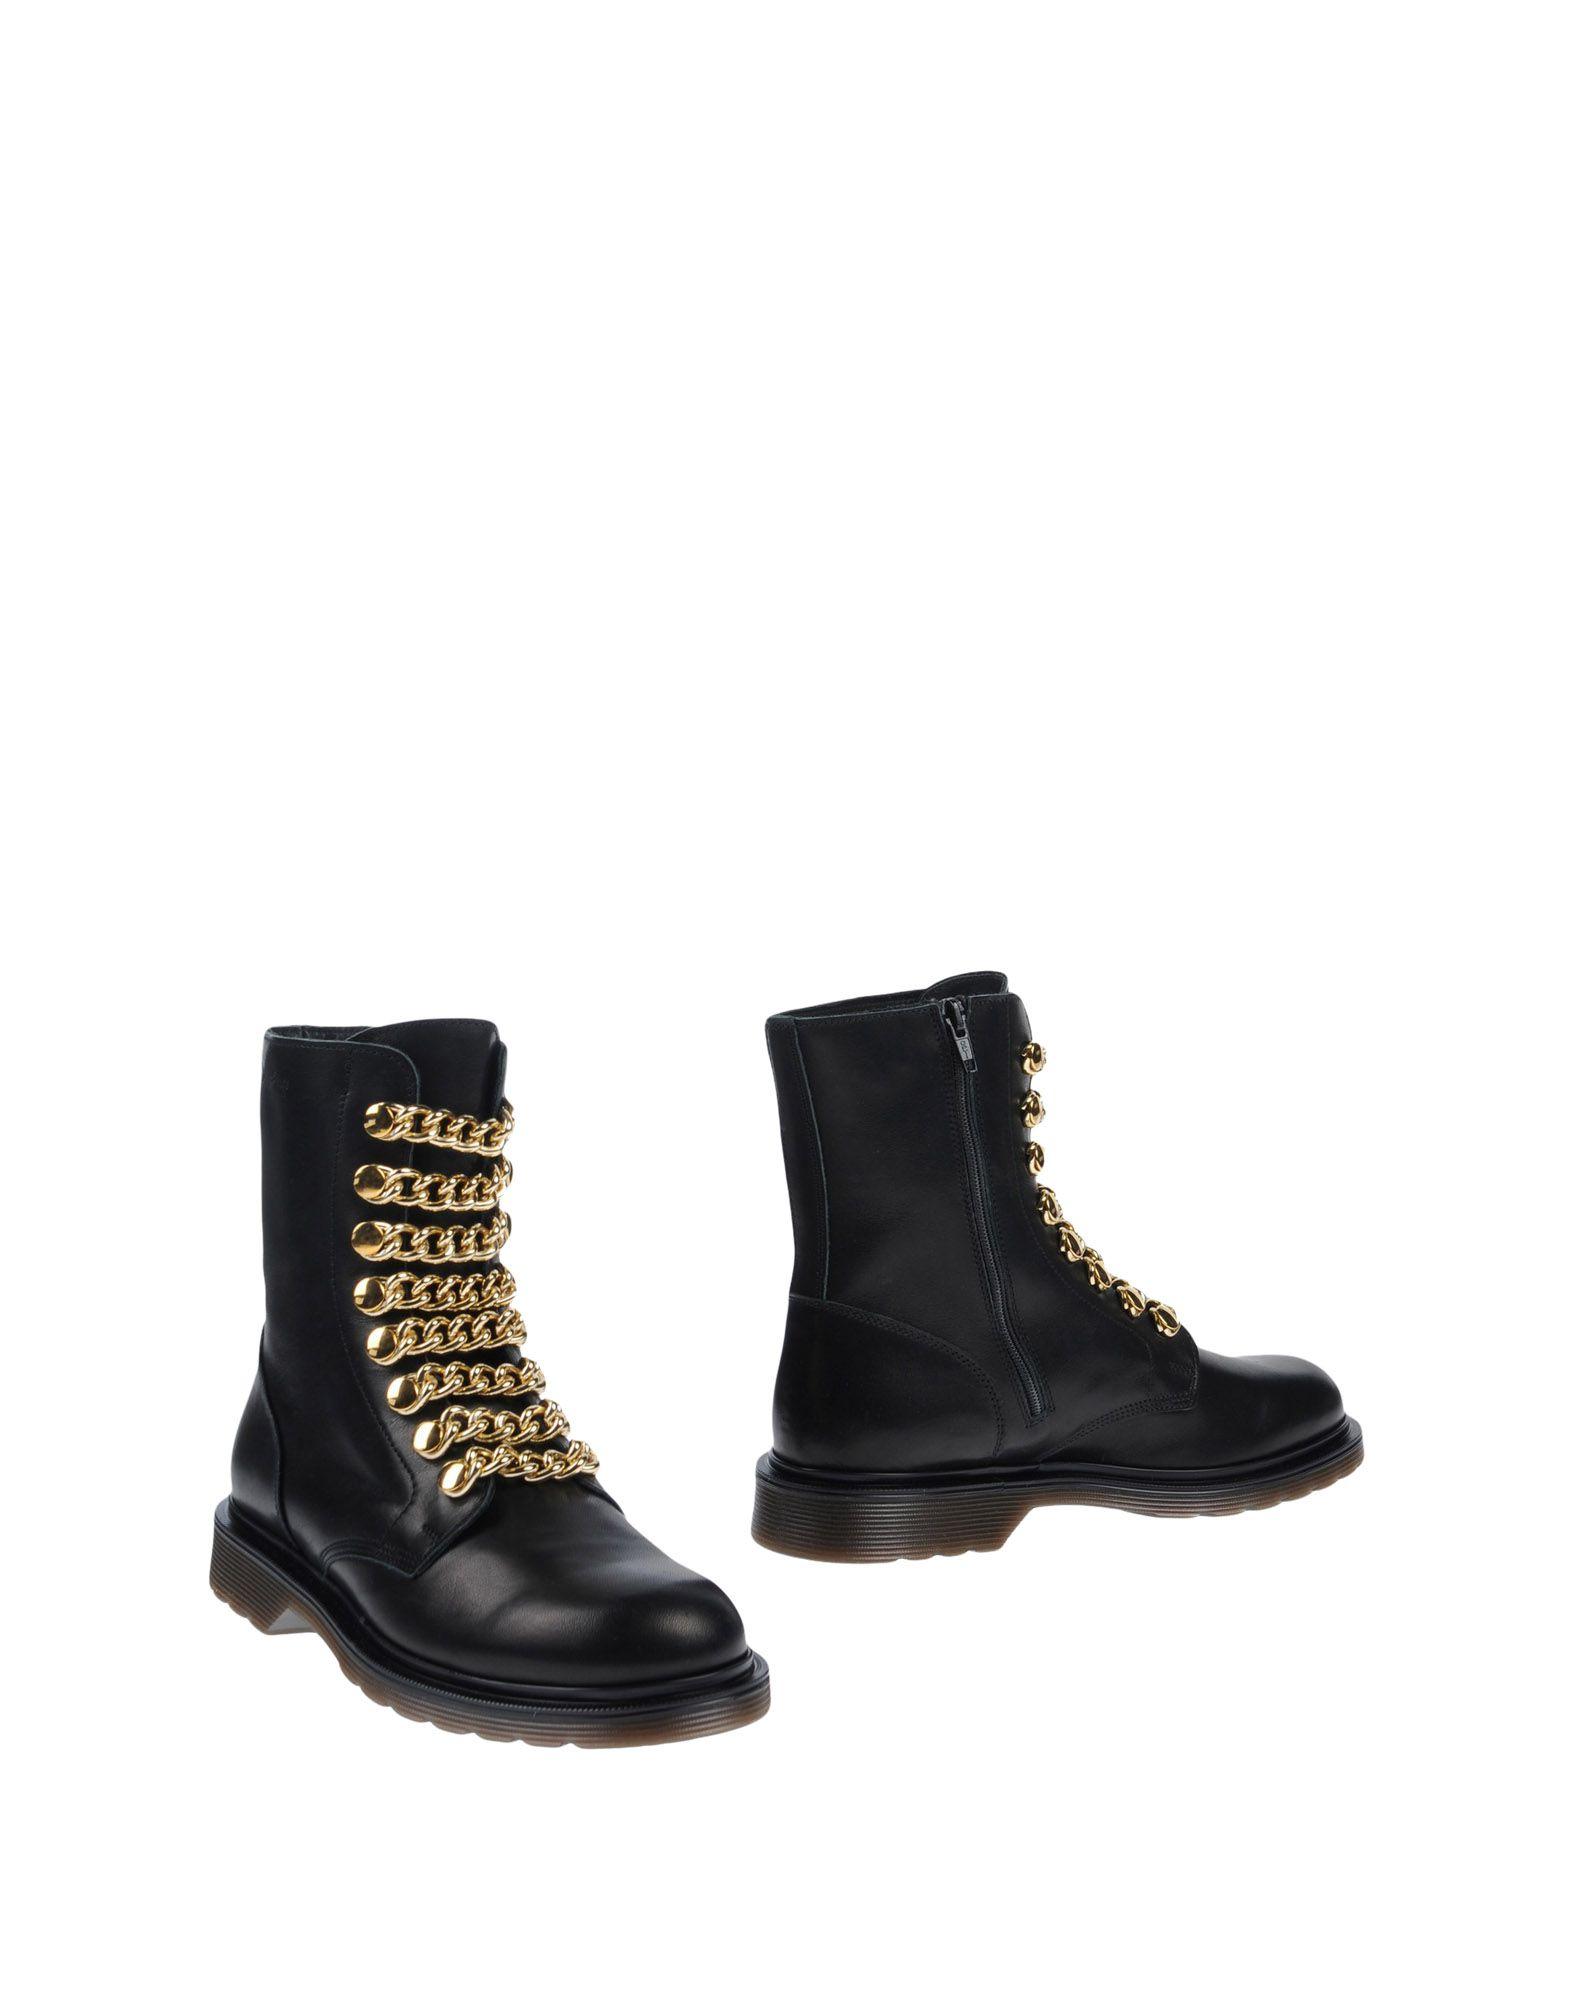 Stilvolle Dangerouge billige Schuhe Le Dangerouge Stilvolle Stiefelette Damen  11506283HD 9e3348